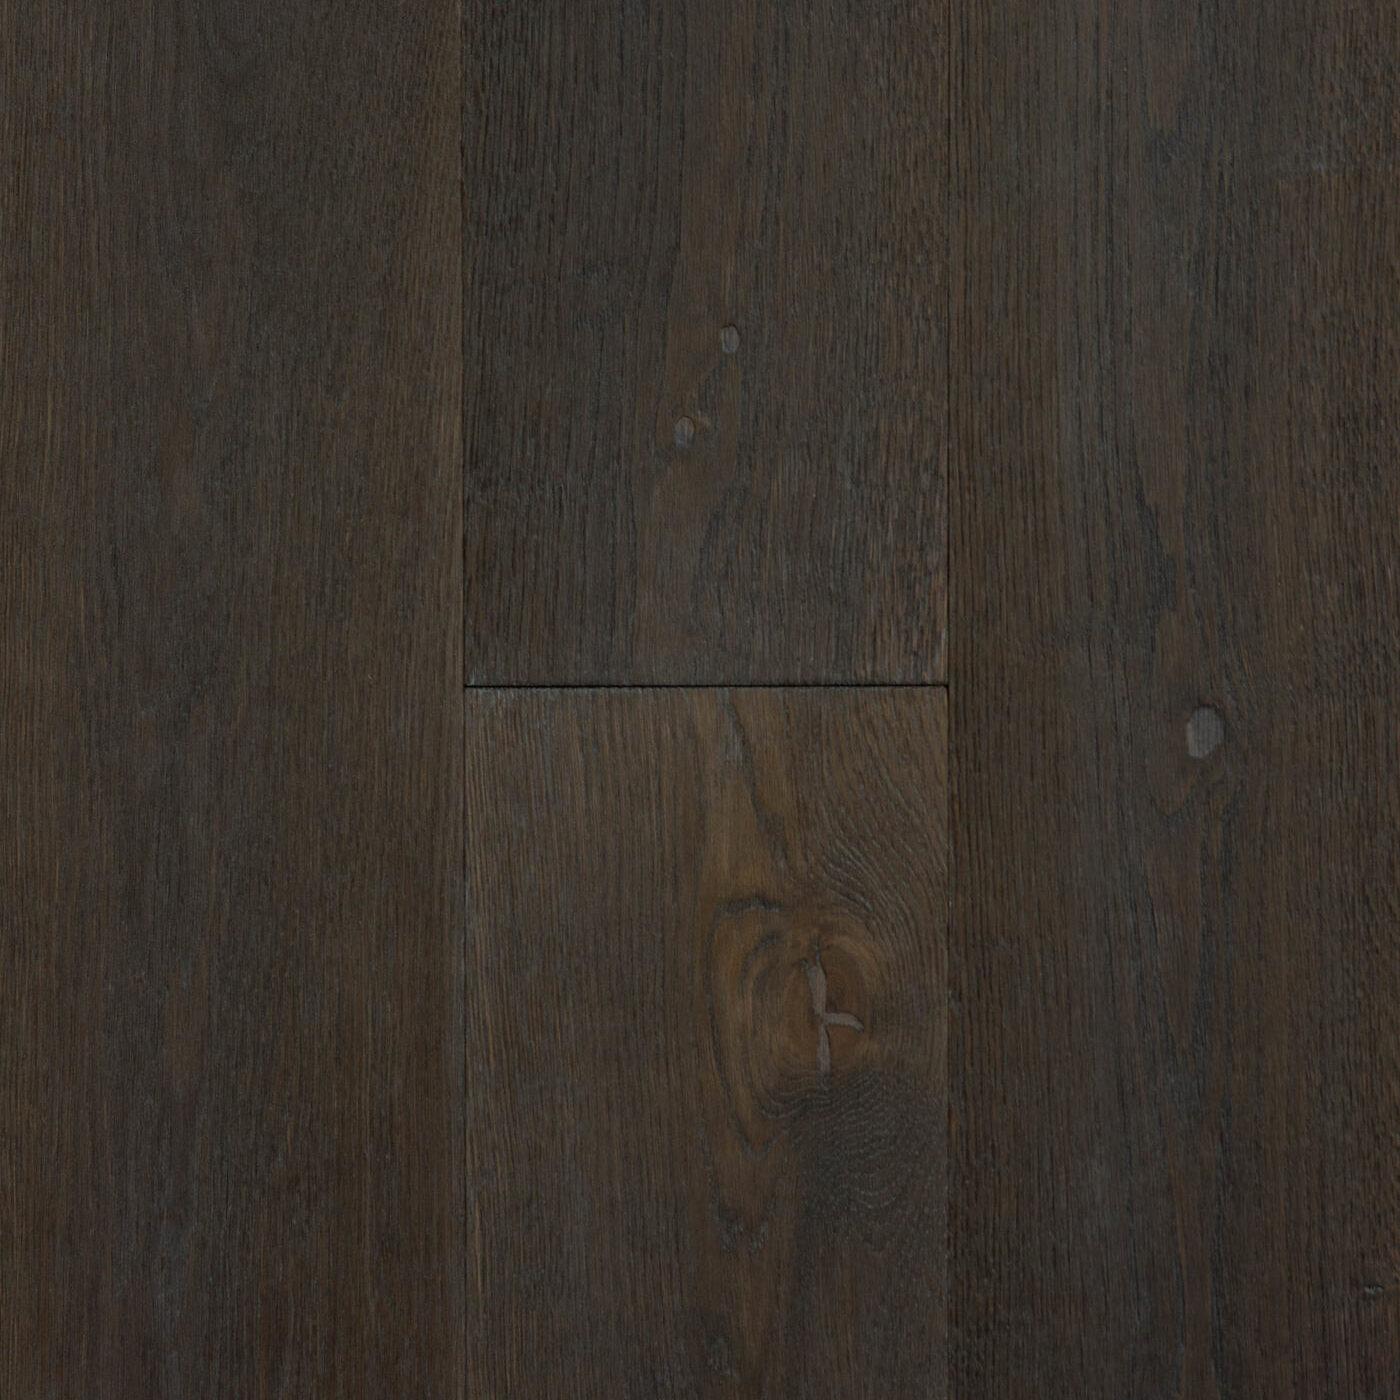 inzhenerna-doshka-arbofari-ego-oak-iron